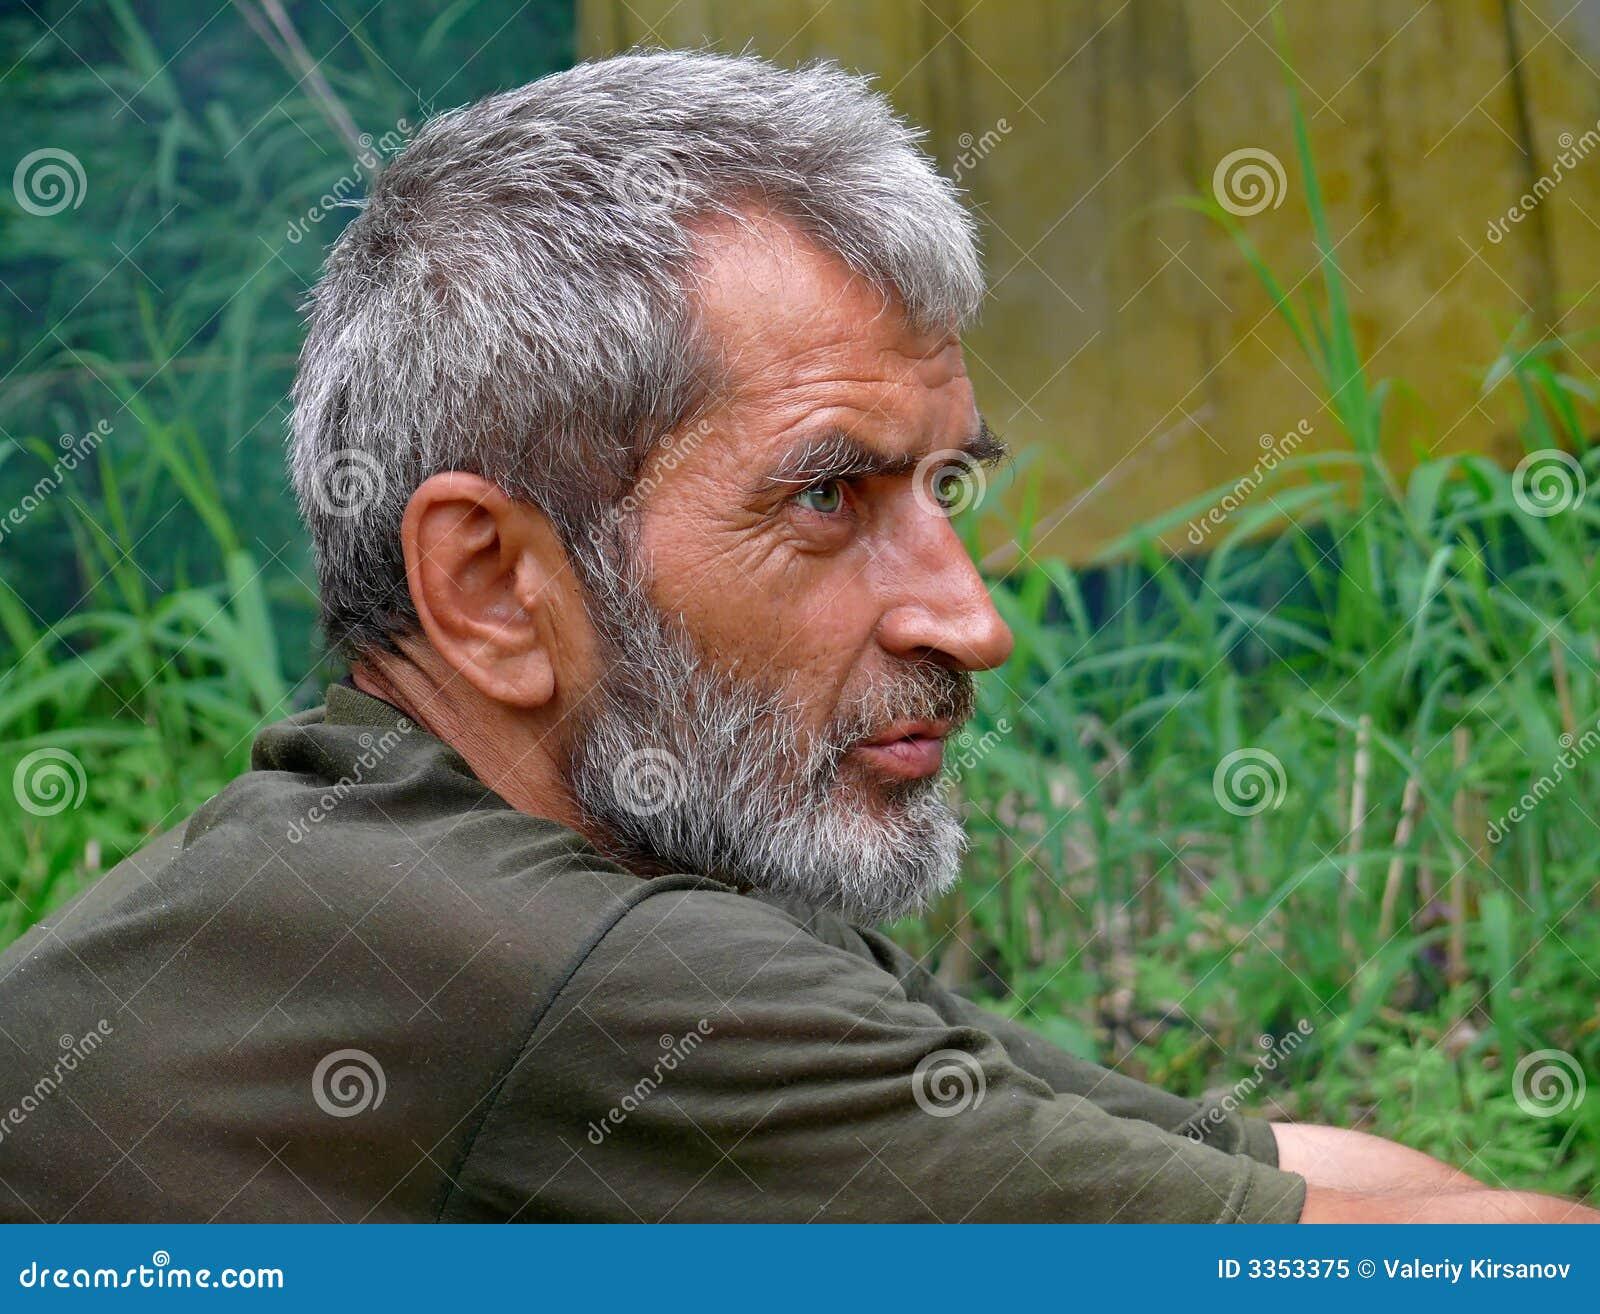 Retrato do homem com barba 15